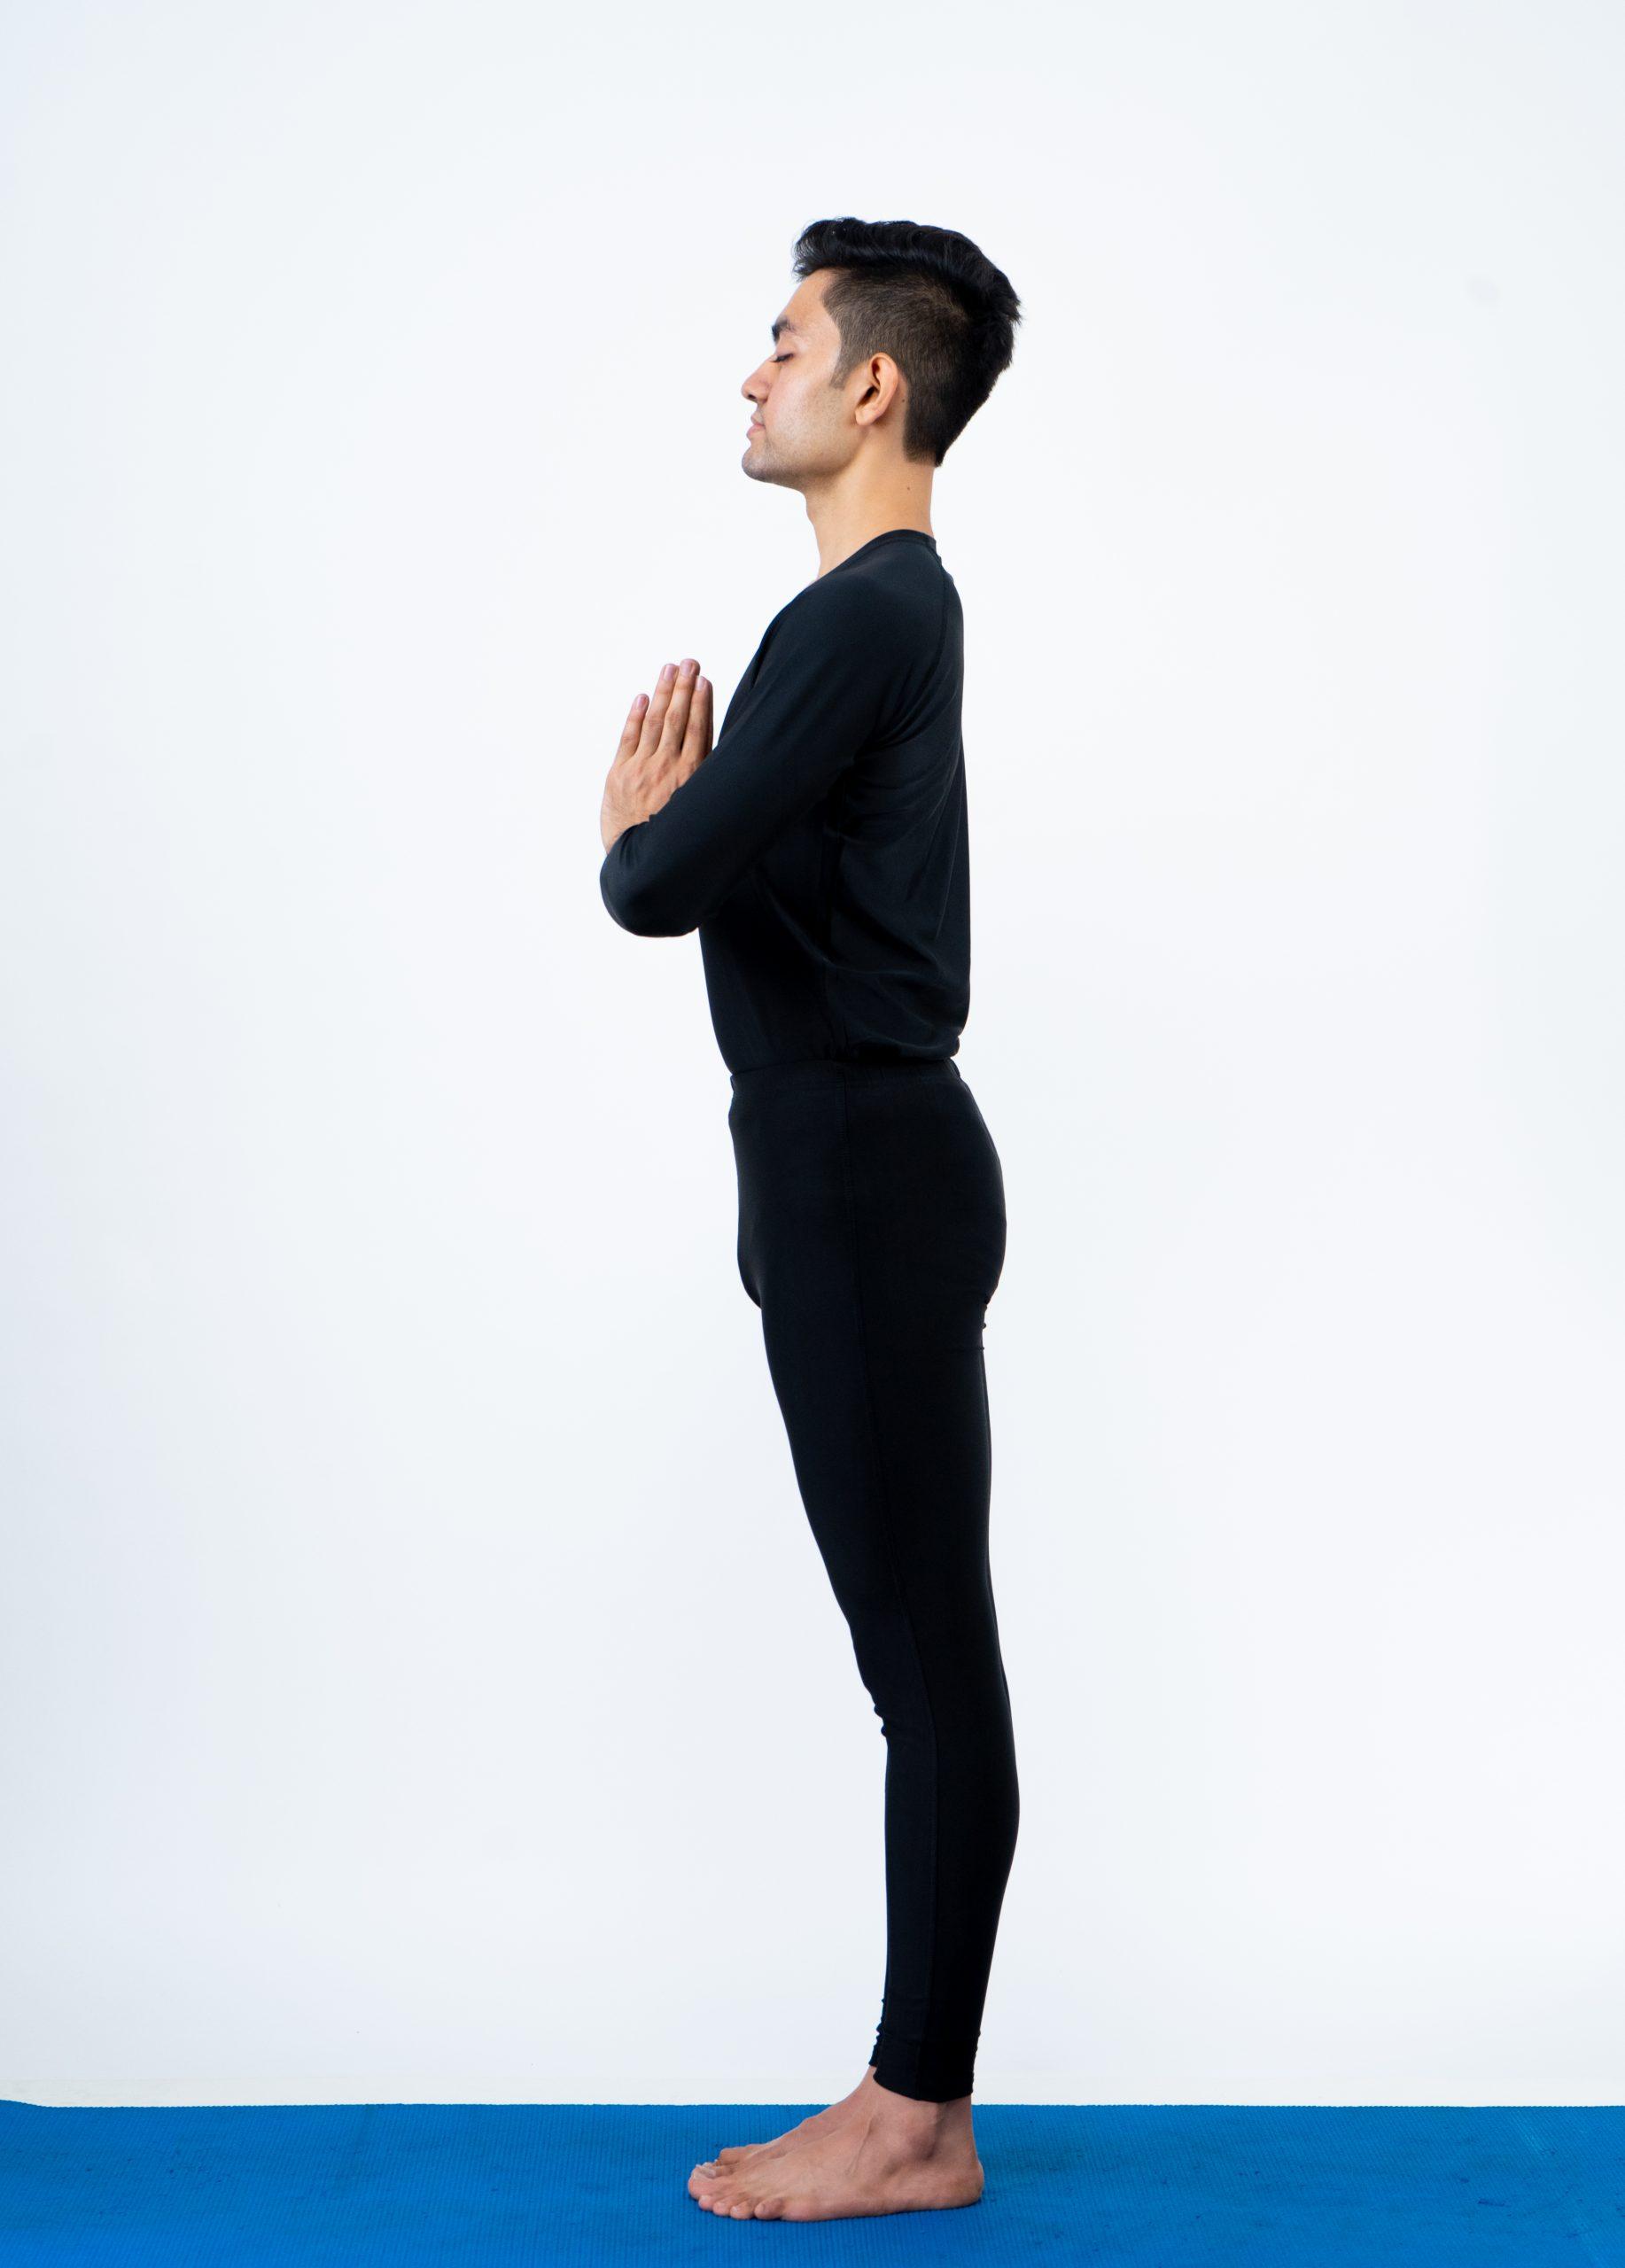 Pranamasana (Prayer pose)